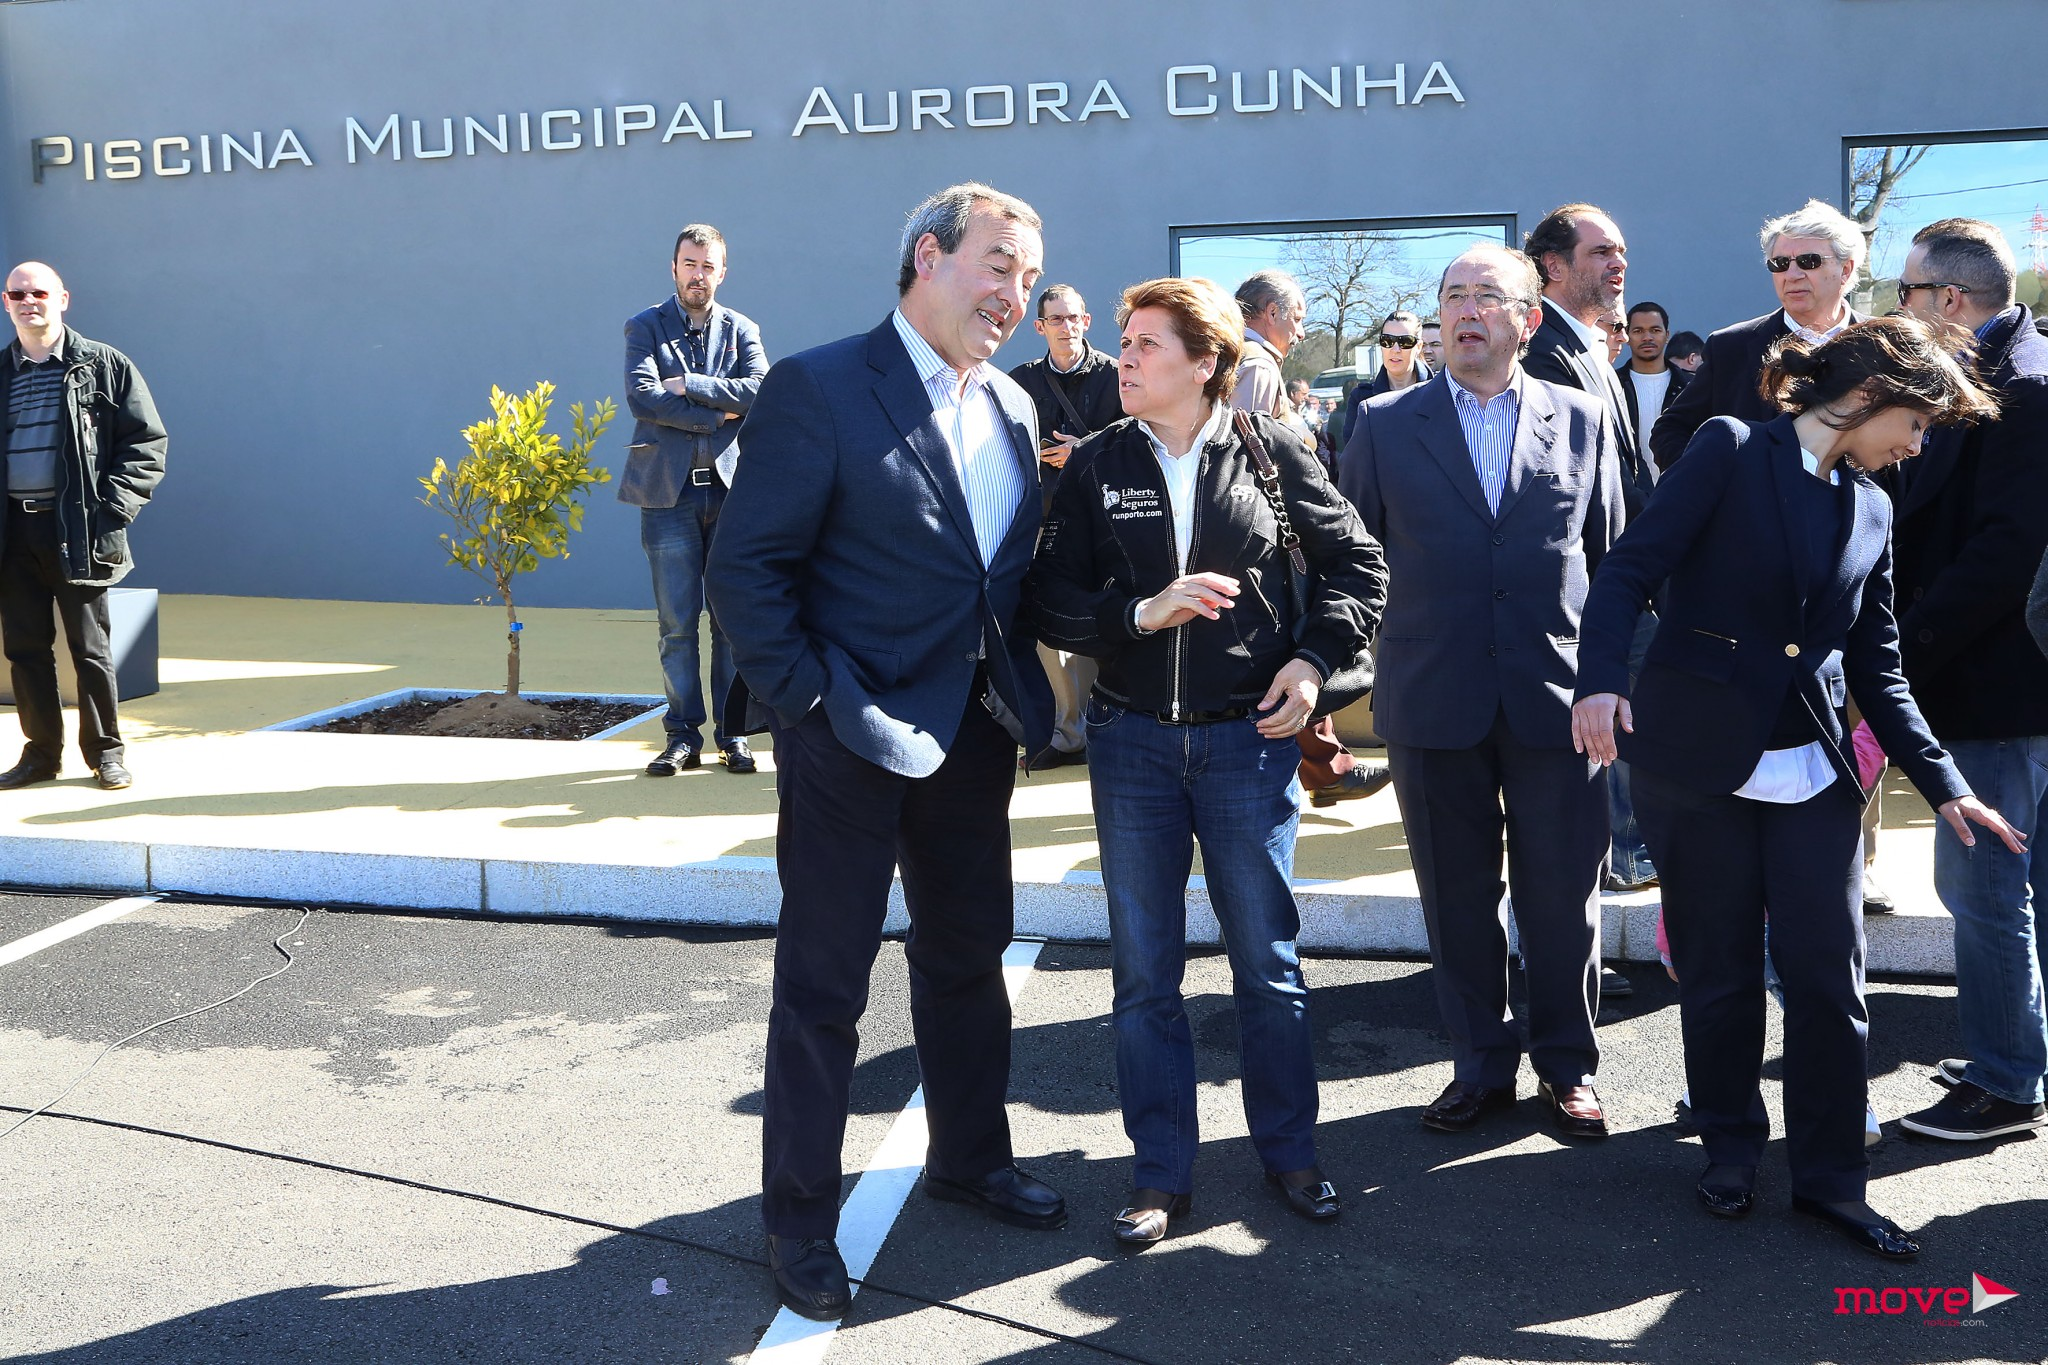 Aurora cunha d nome a piscina municipal movenot cias for Piscina municipal pinto